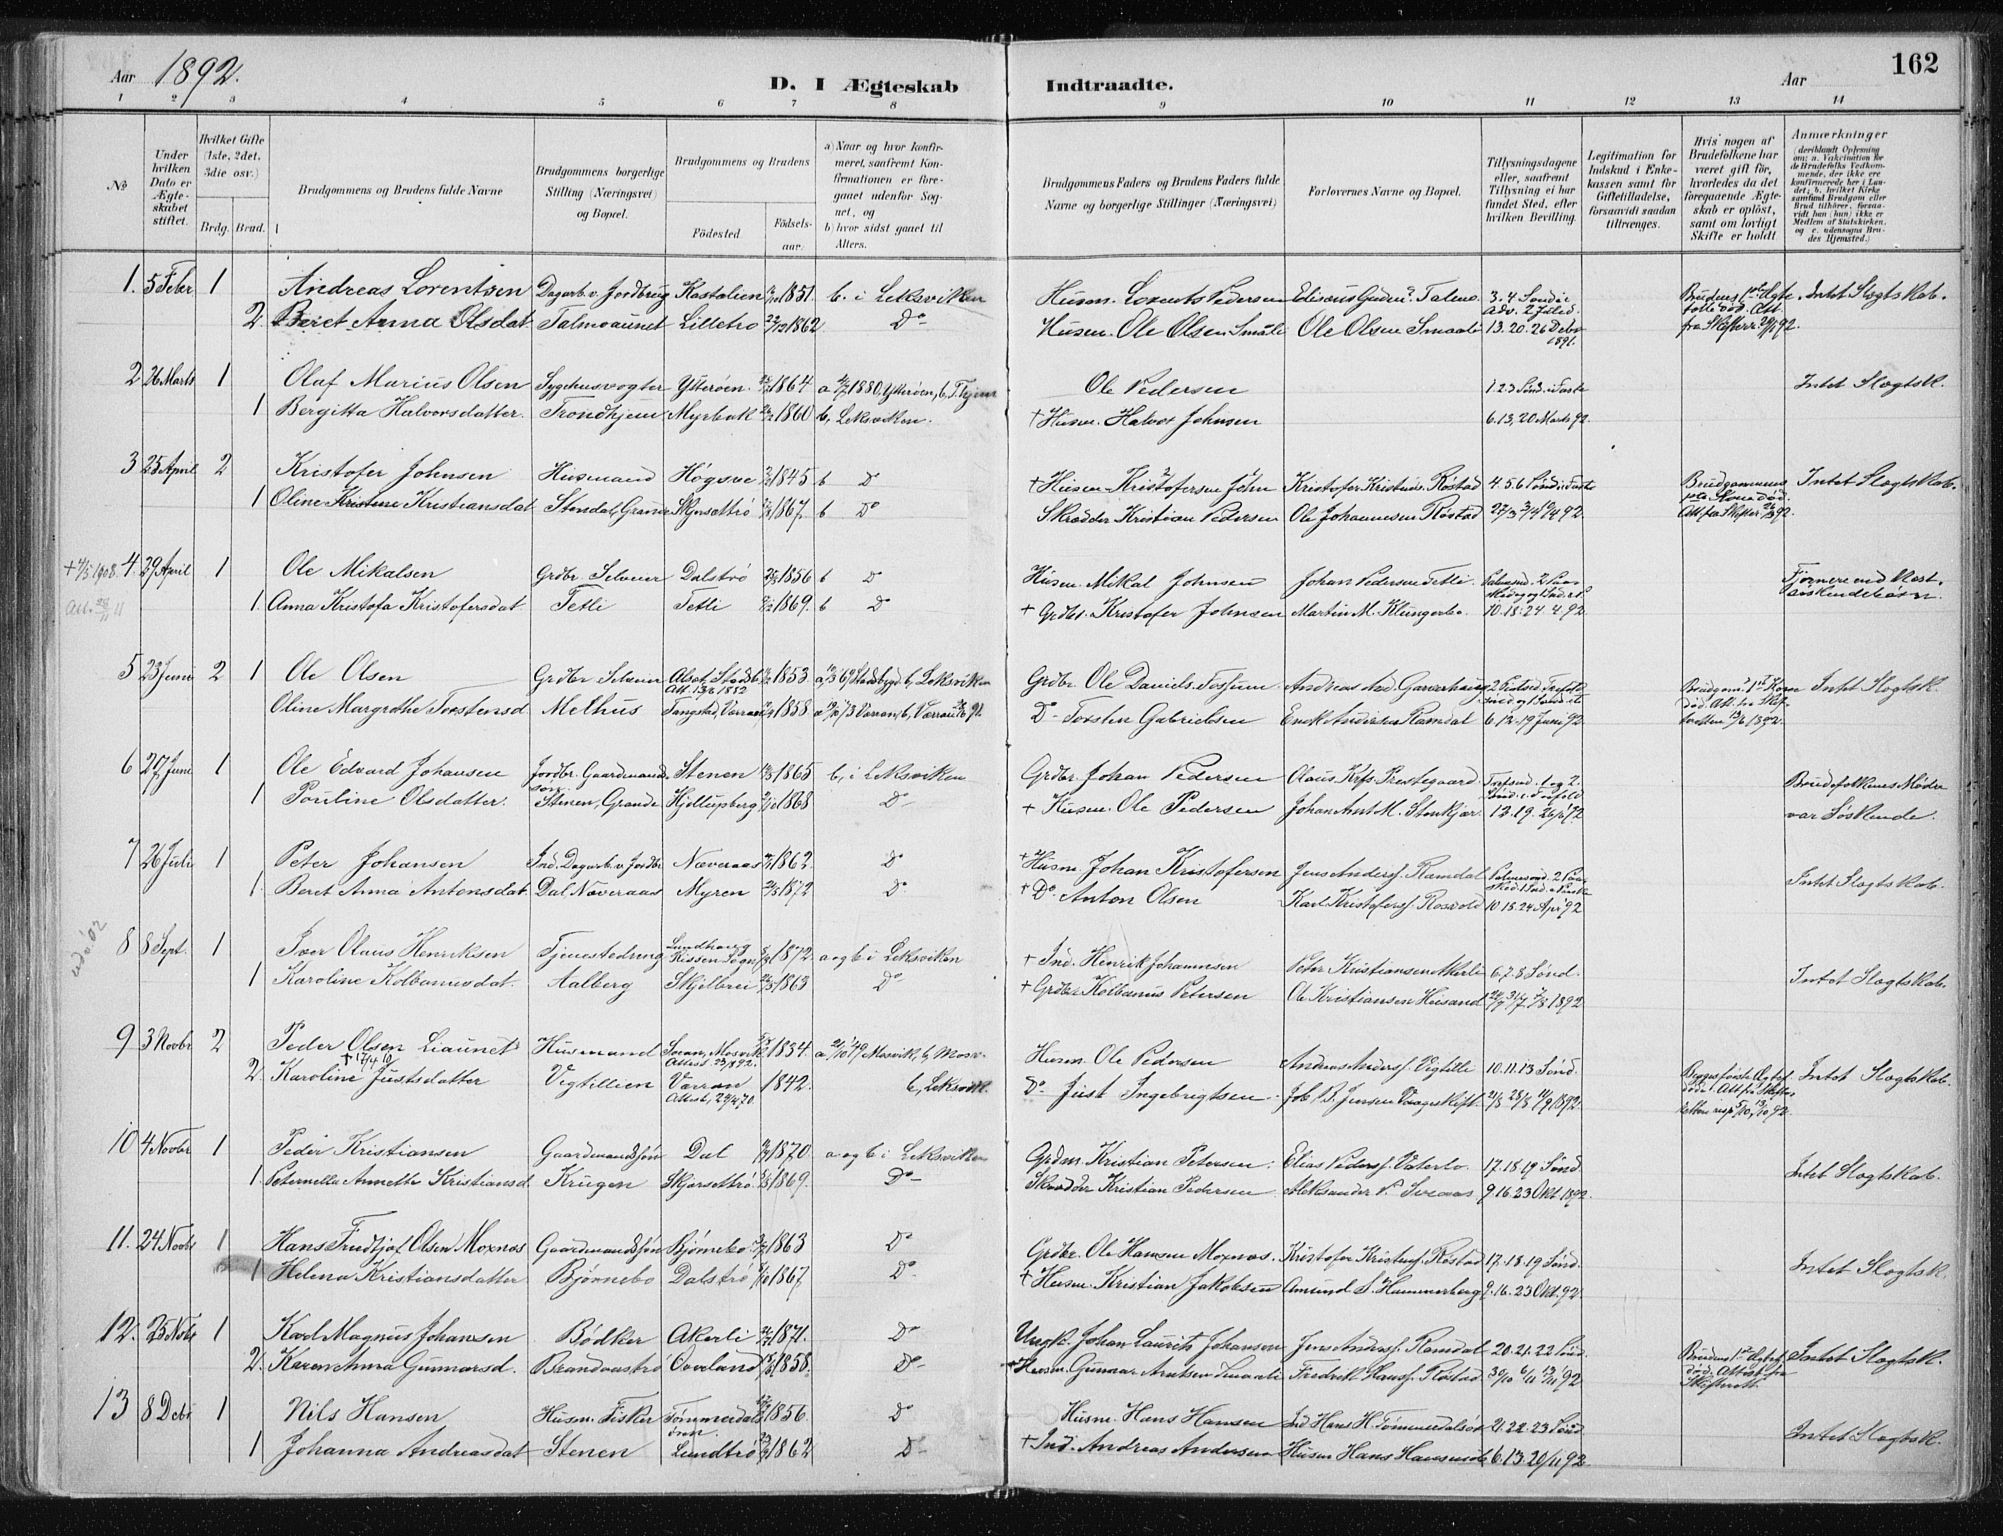 SAT, Ministerialprotokoller, klokkerbøker og fødselsregistre - Nord-Trøndelag, 701/L0010: Ministerialbok nr. 701A10, 1883-1899, s. 162